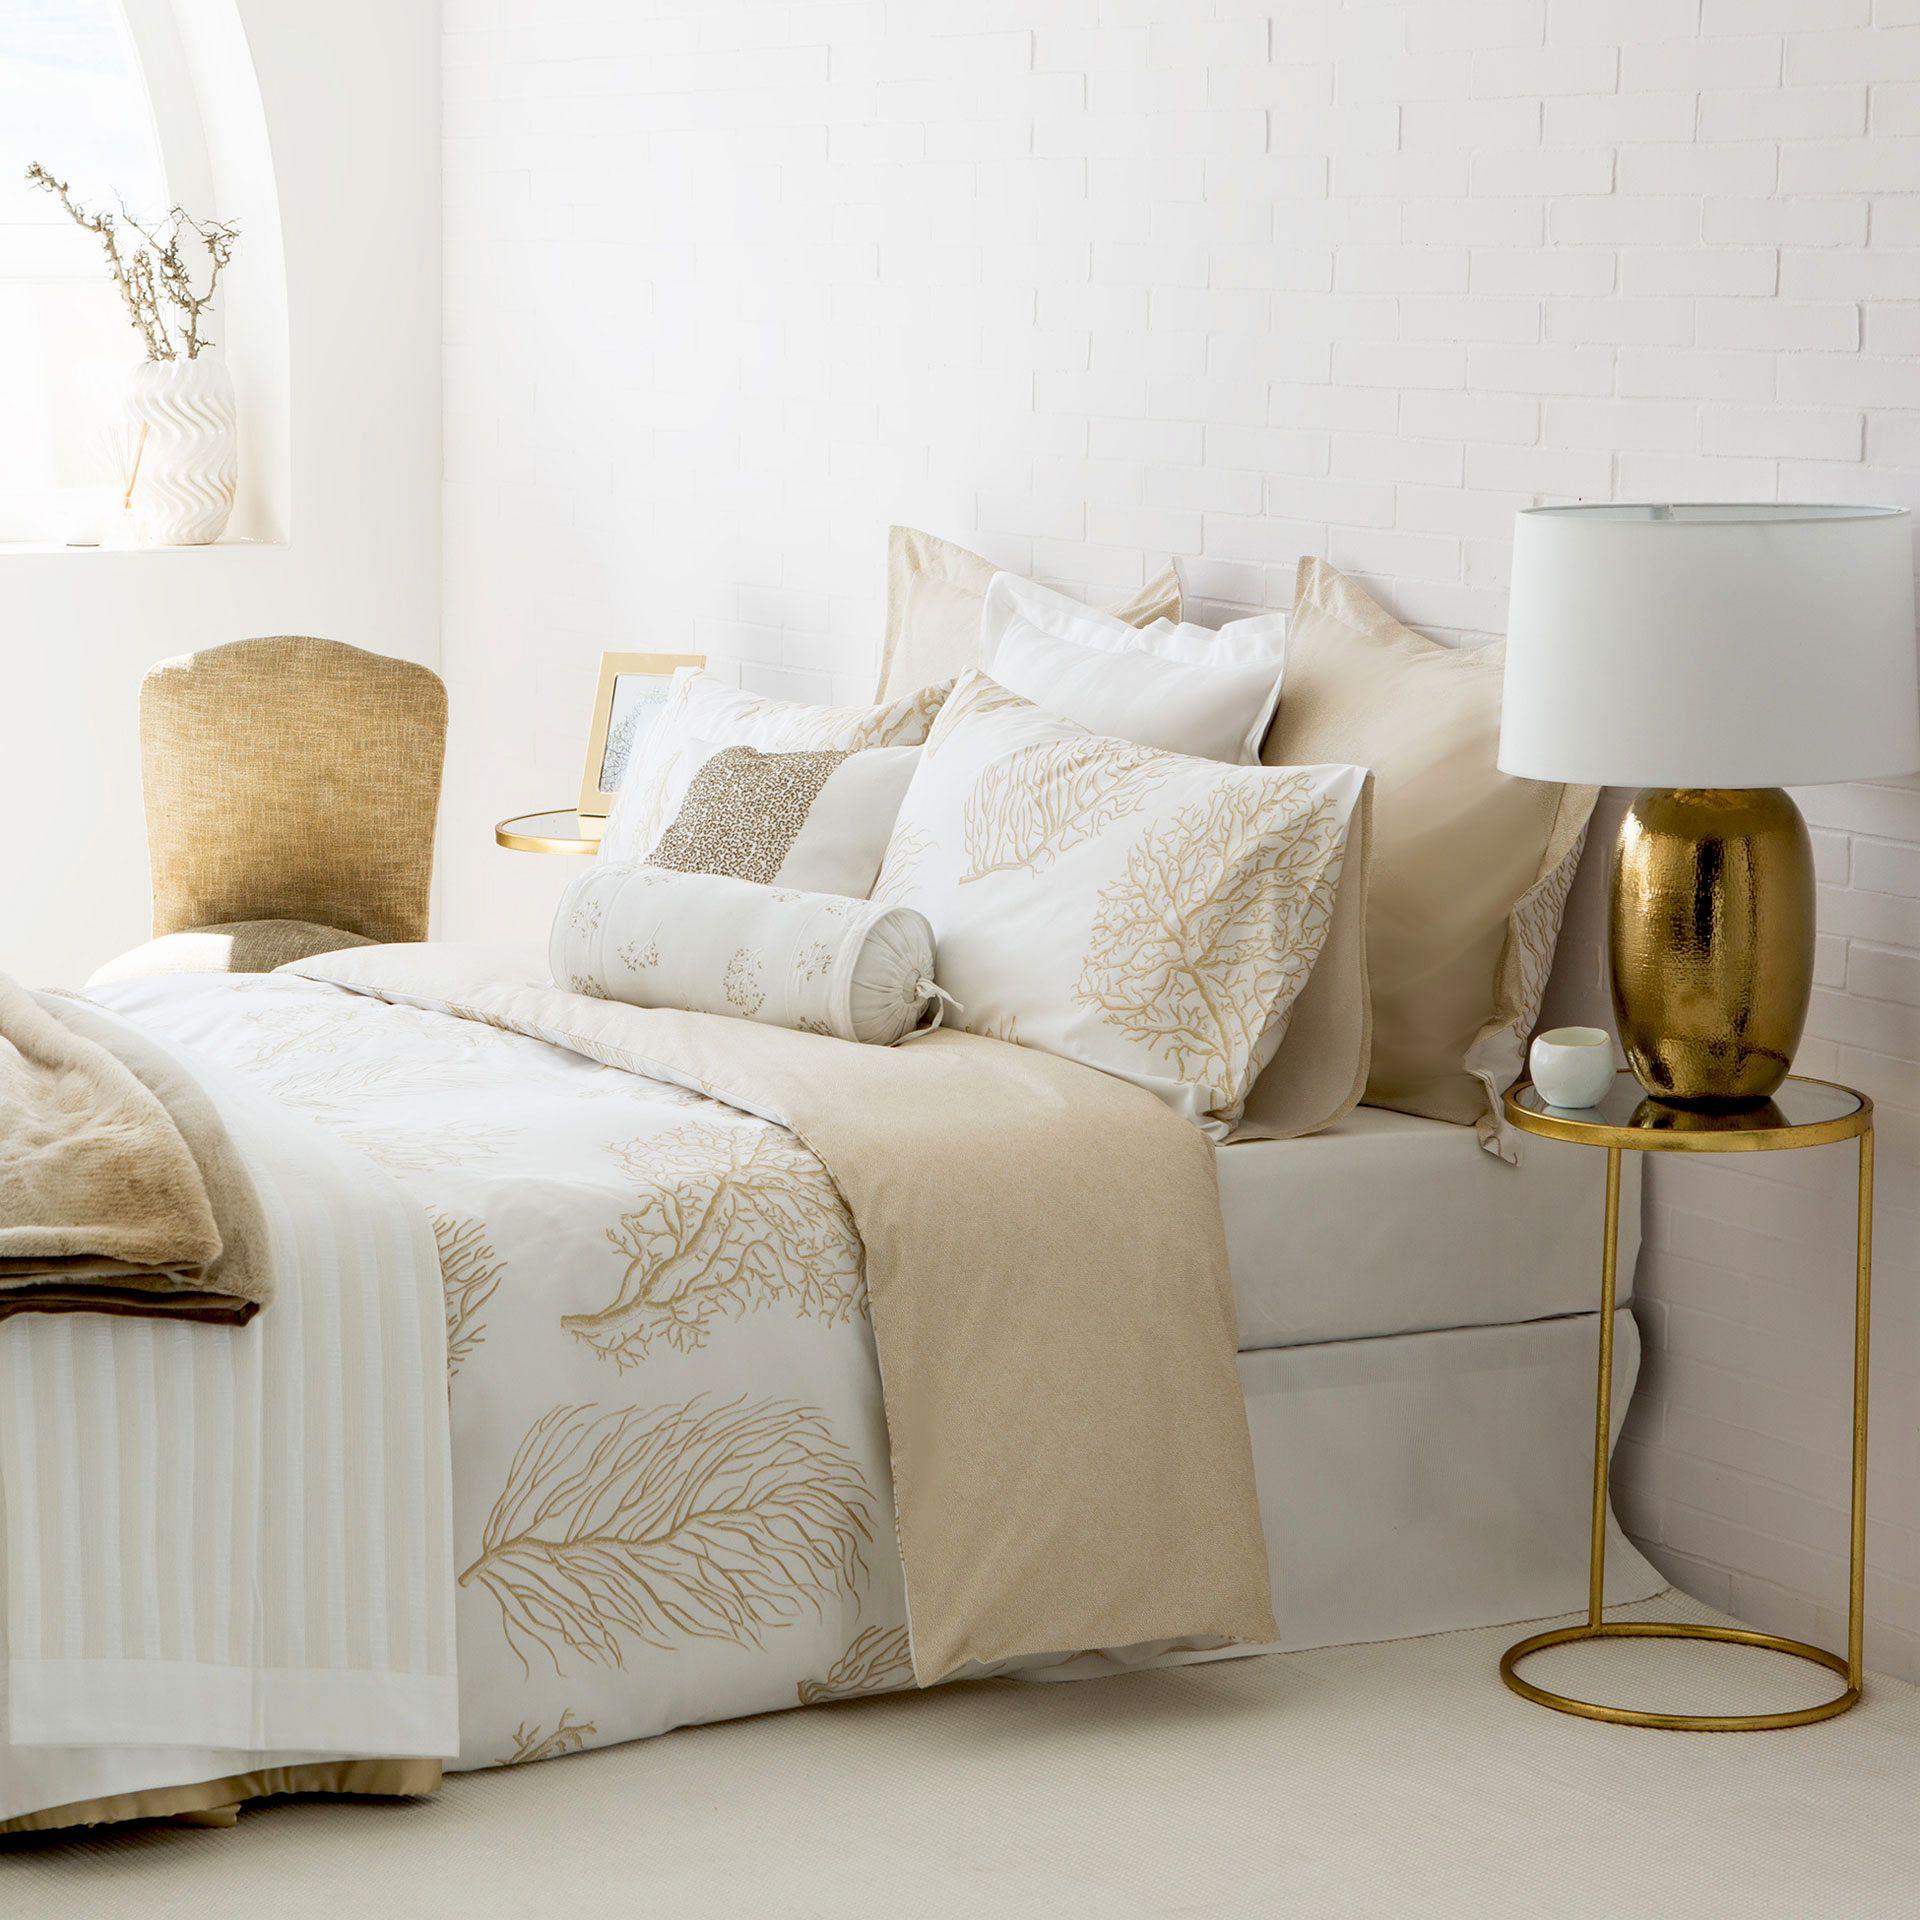 Zara Home zara home 2016 coral bedding morroccan bohemian style bedroom decor